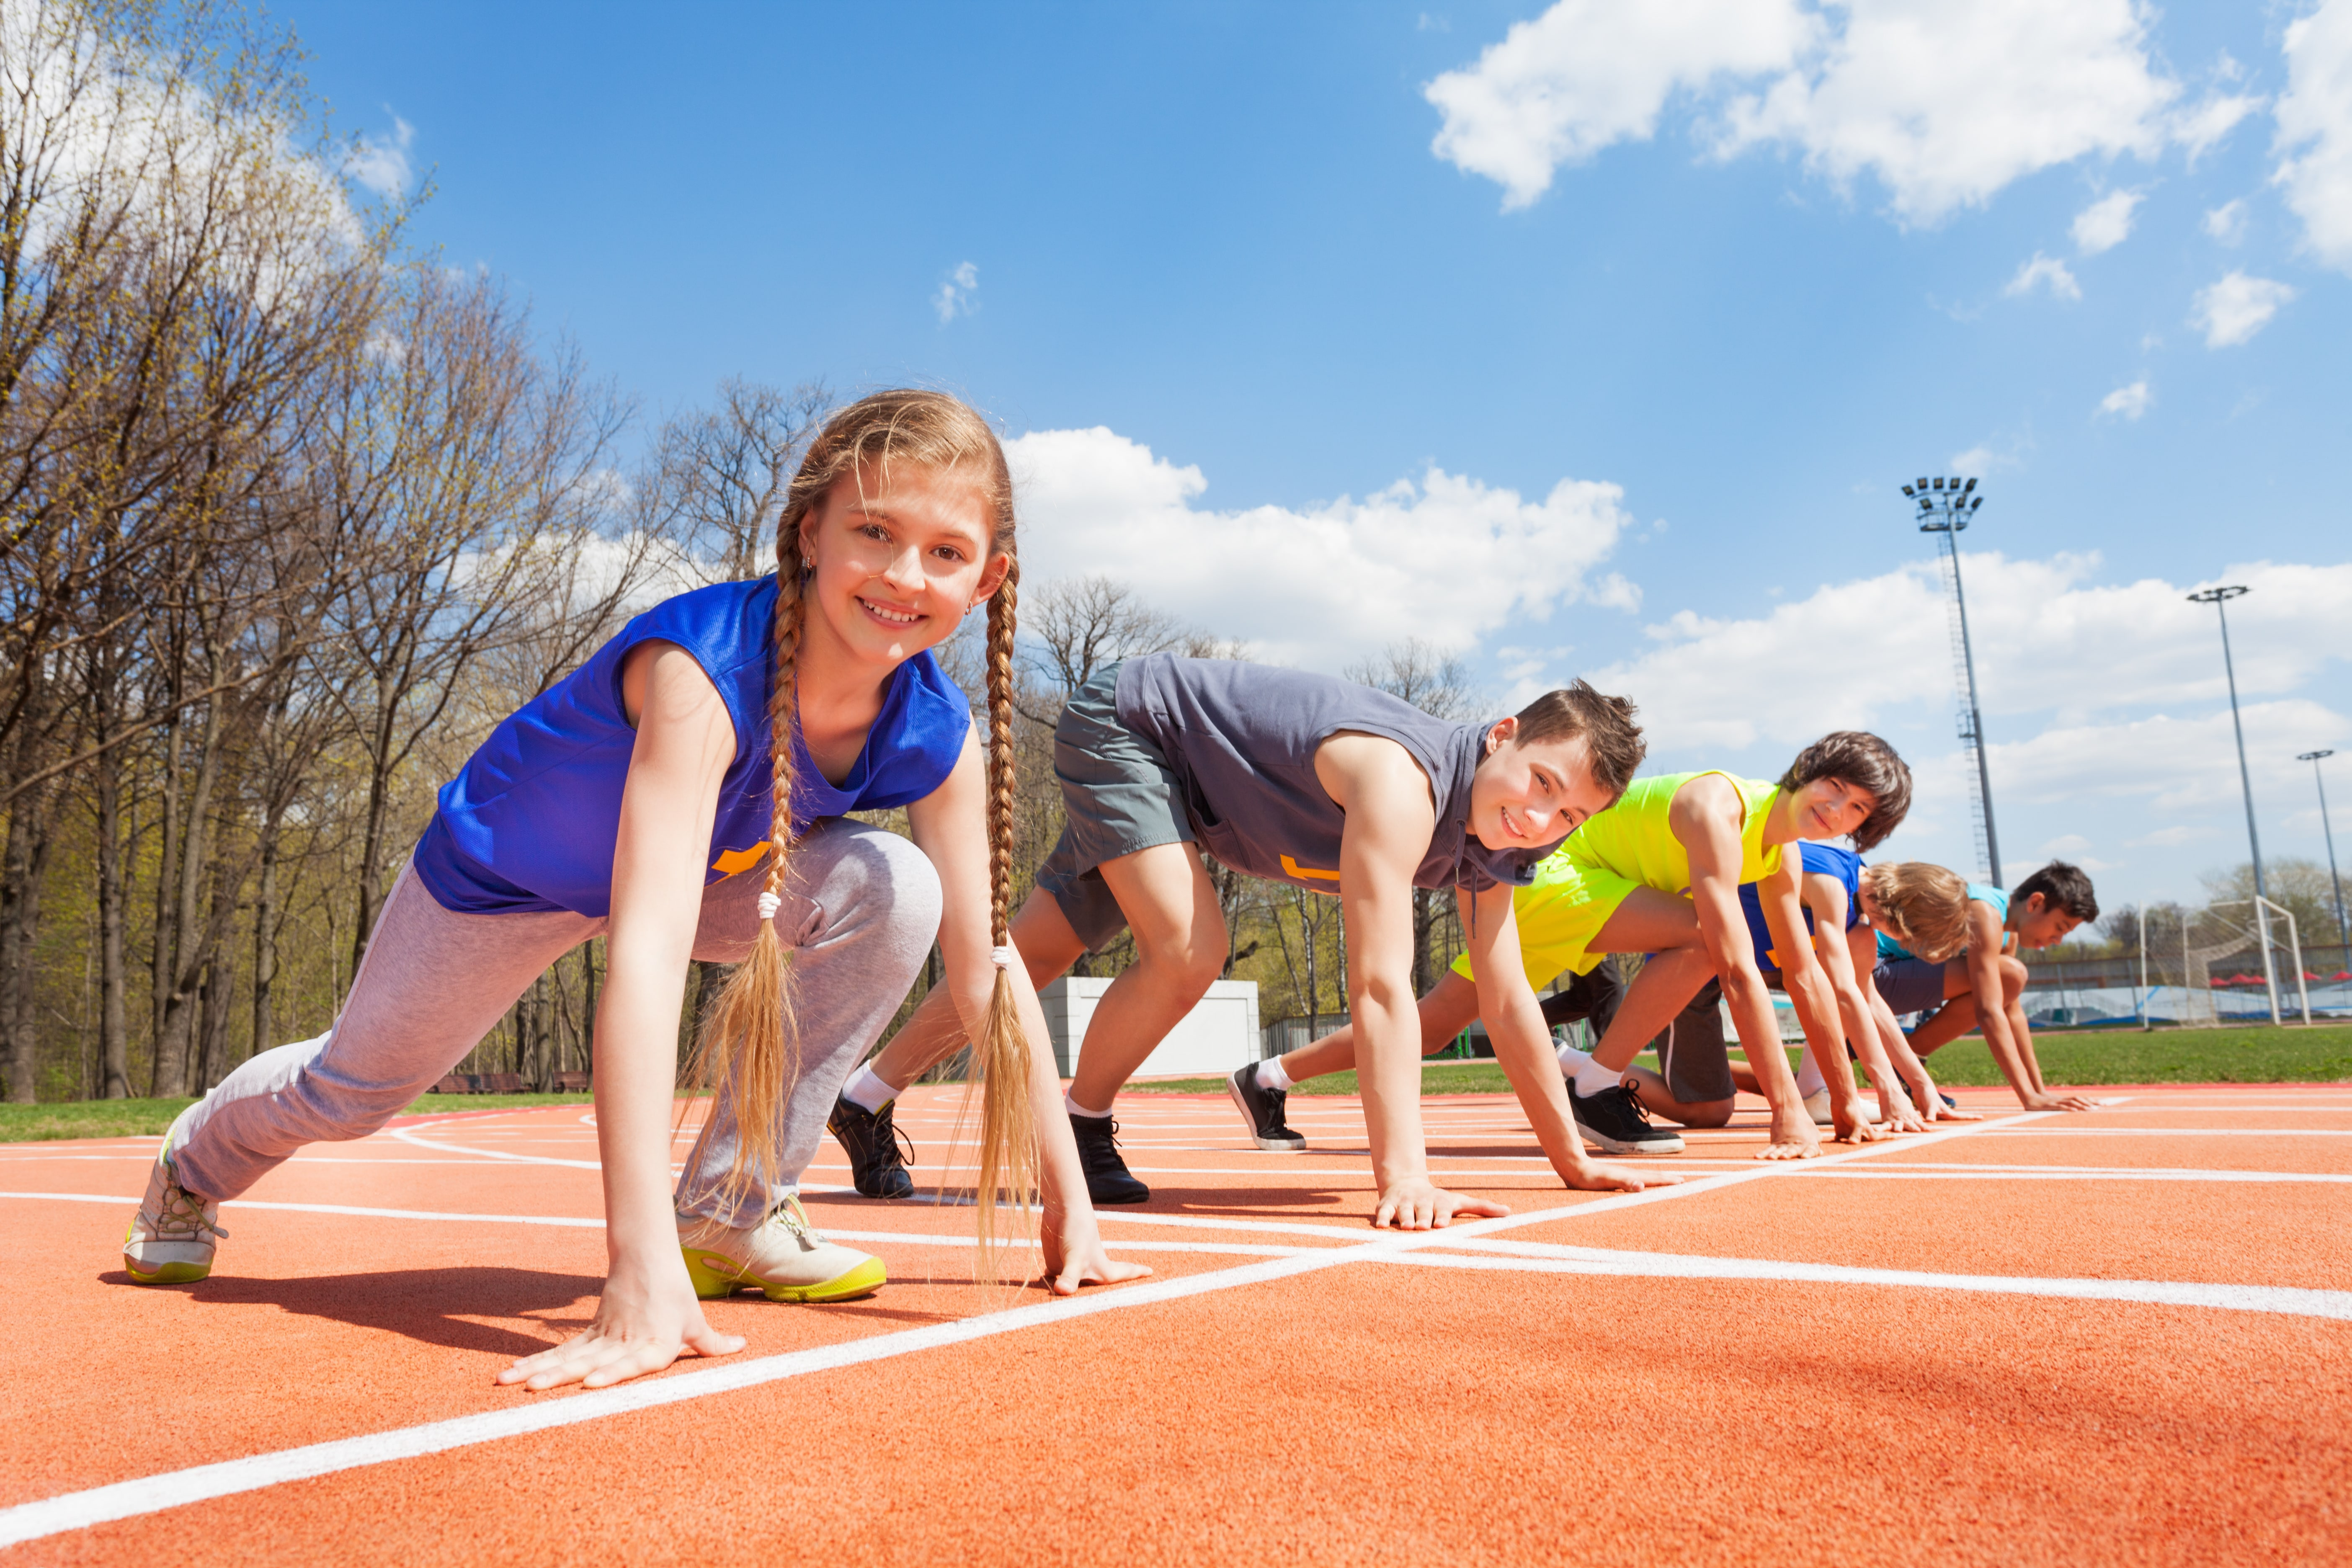 Февраля картинки, картинки для спорта в школу